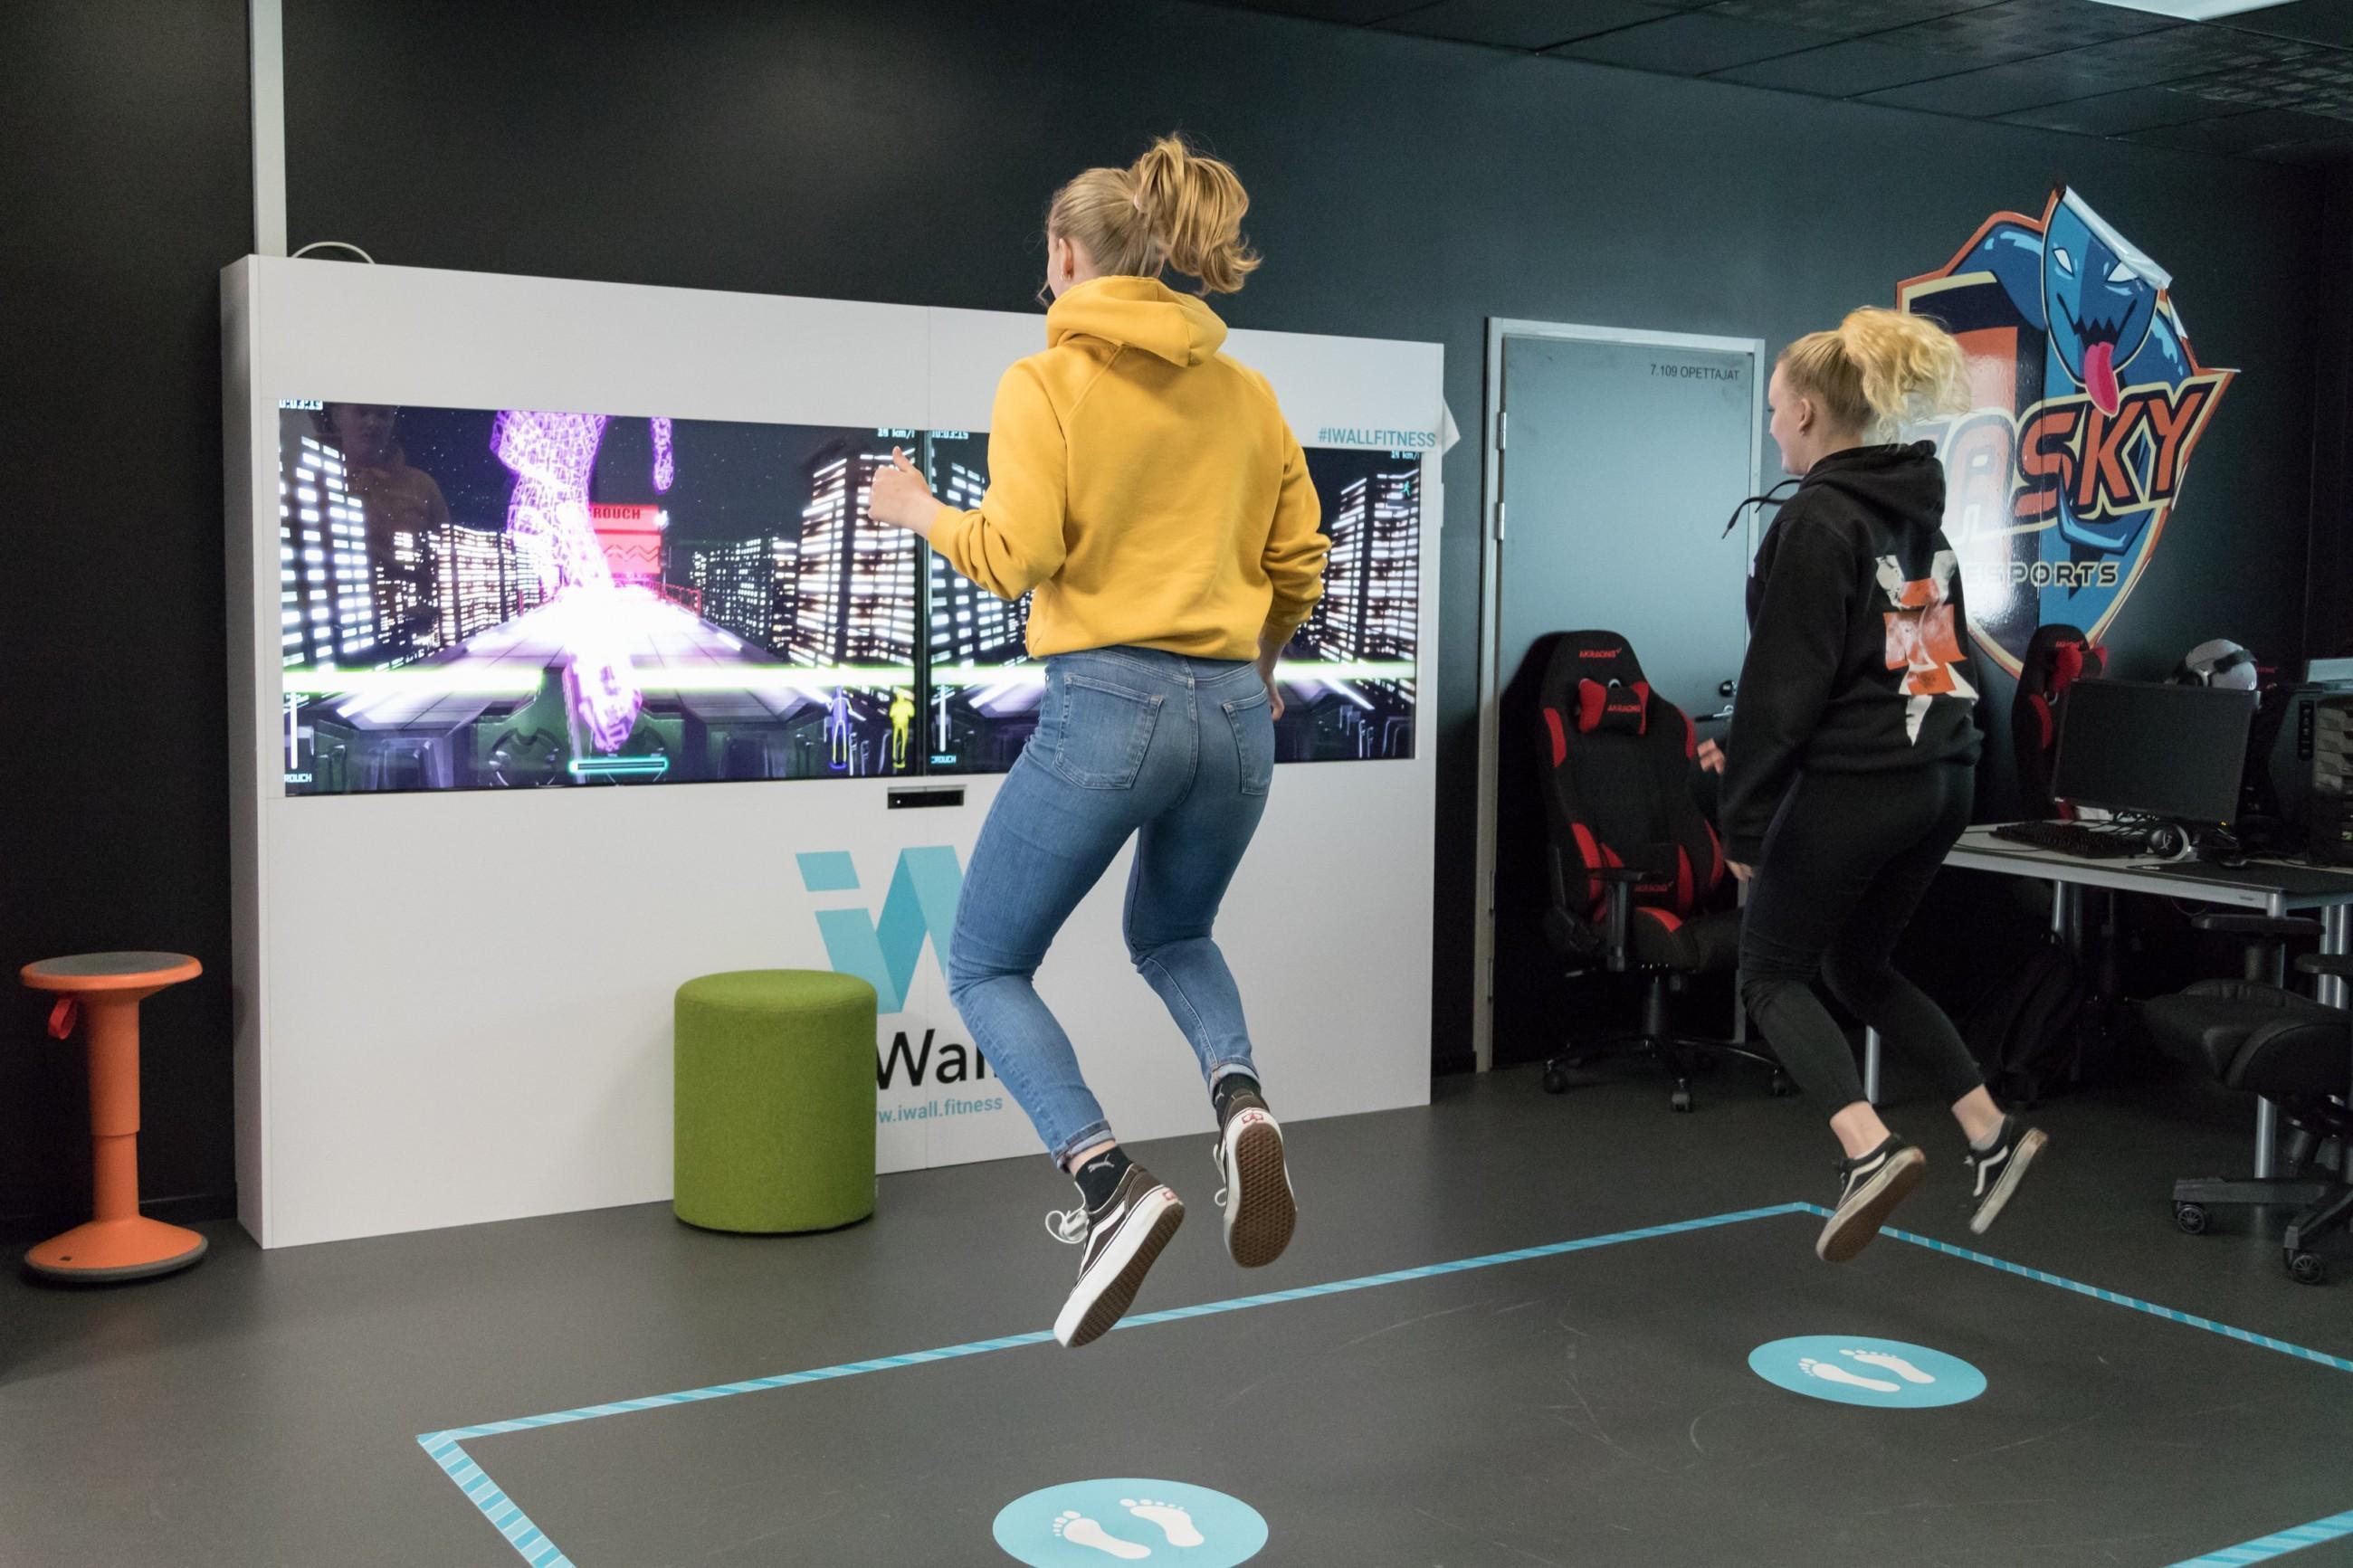 Kaksi henkilöä pelaa iWall peliä ja hyppäävät korkealle.